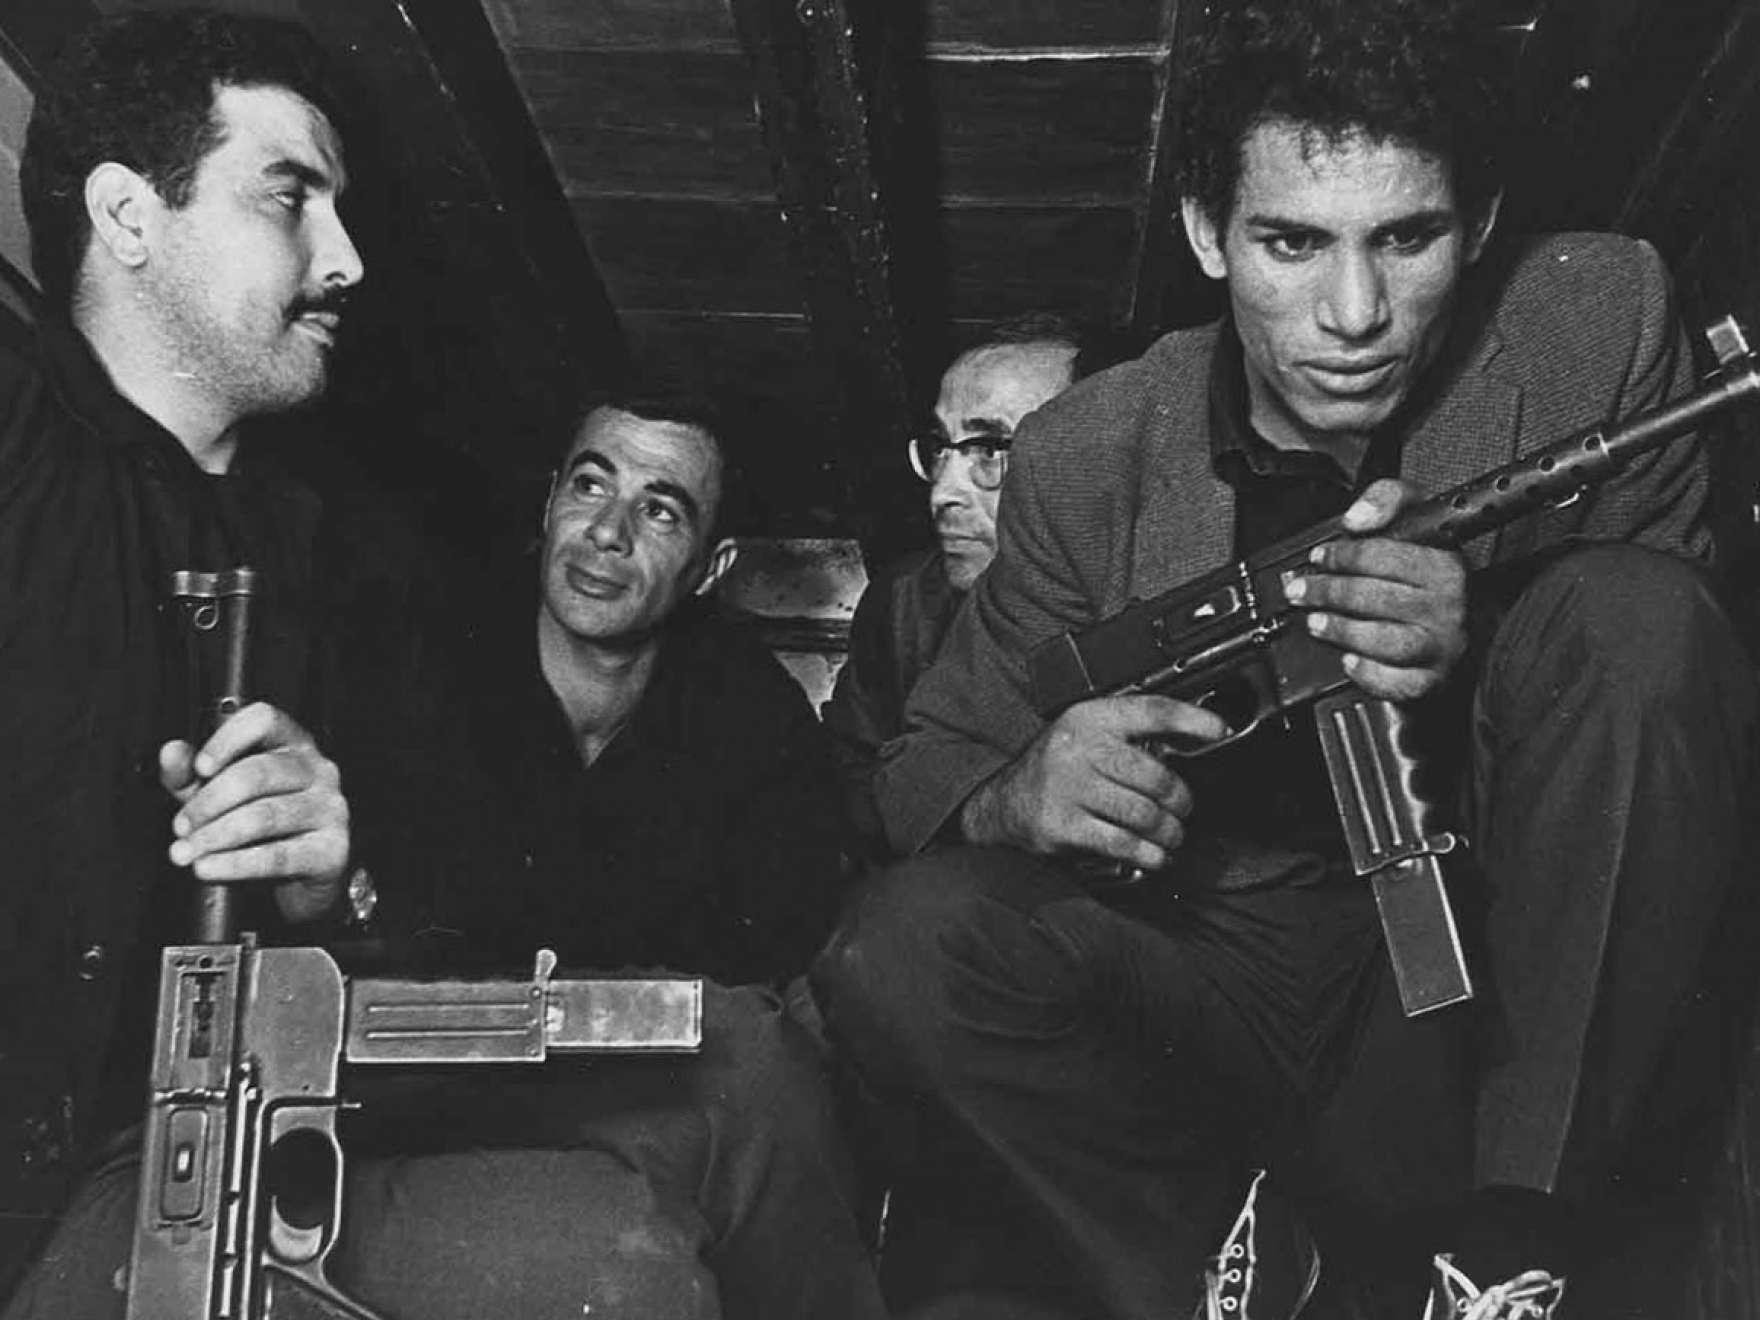 Film Still from Battle of Algiers